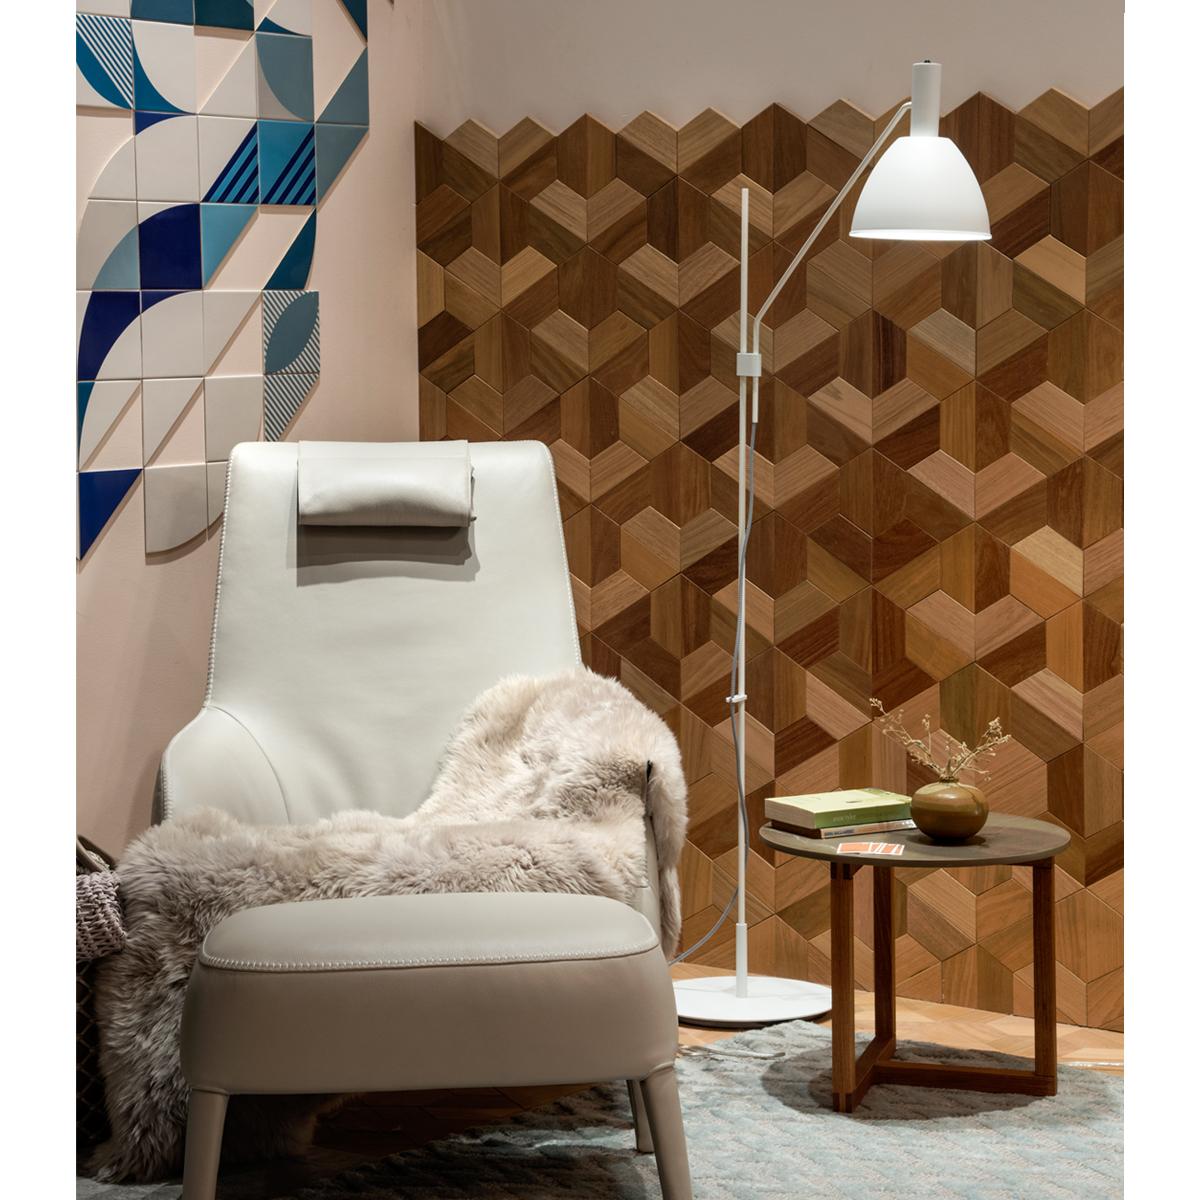 Bauhaus f amb casa cor sp